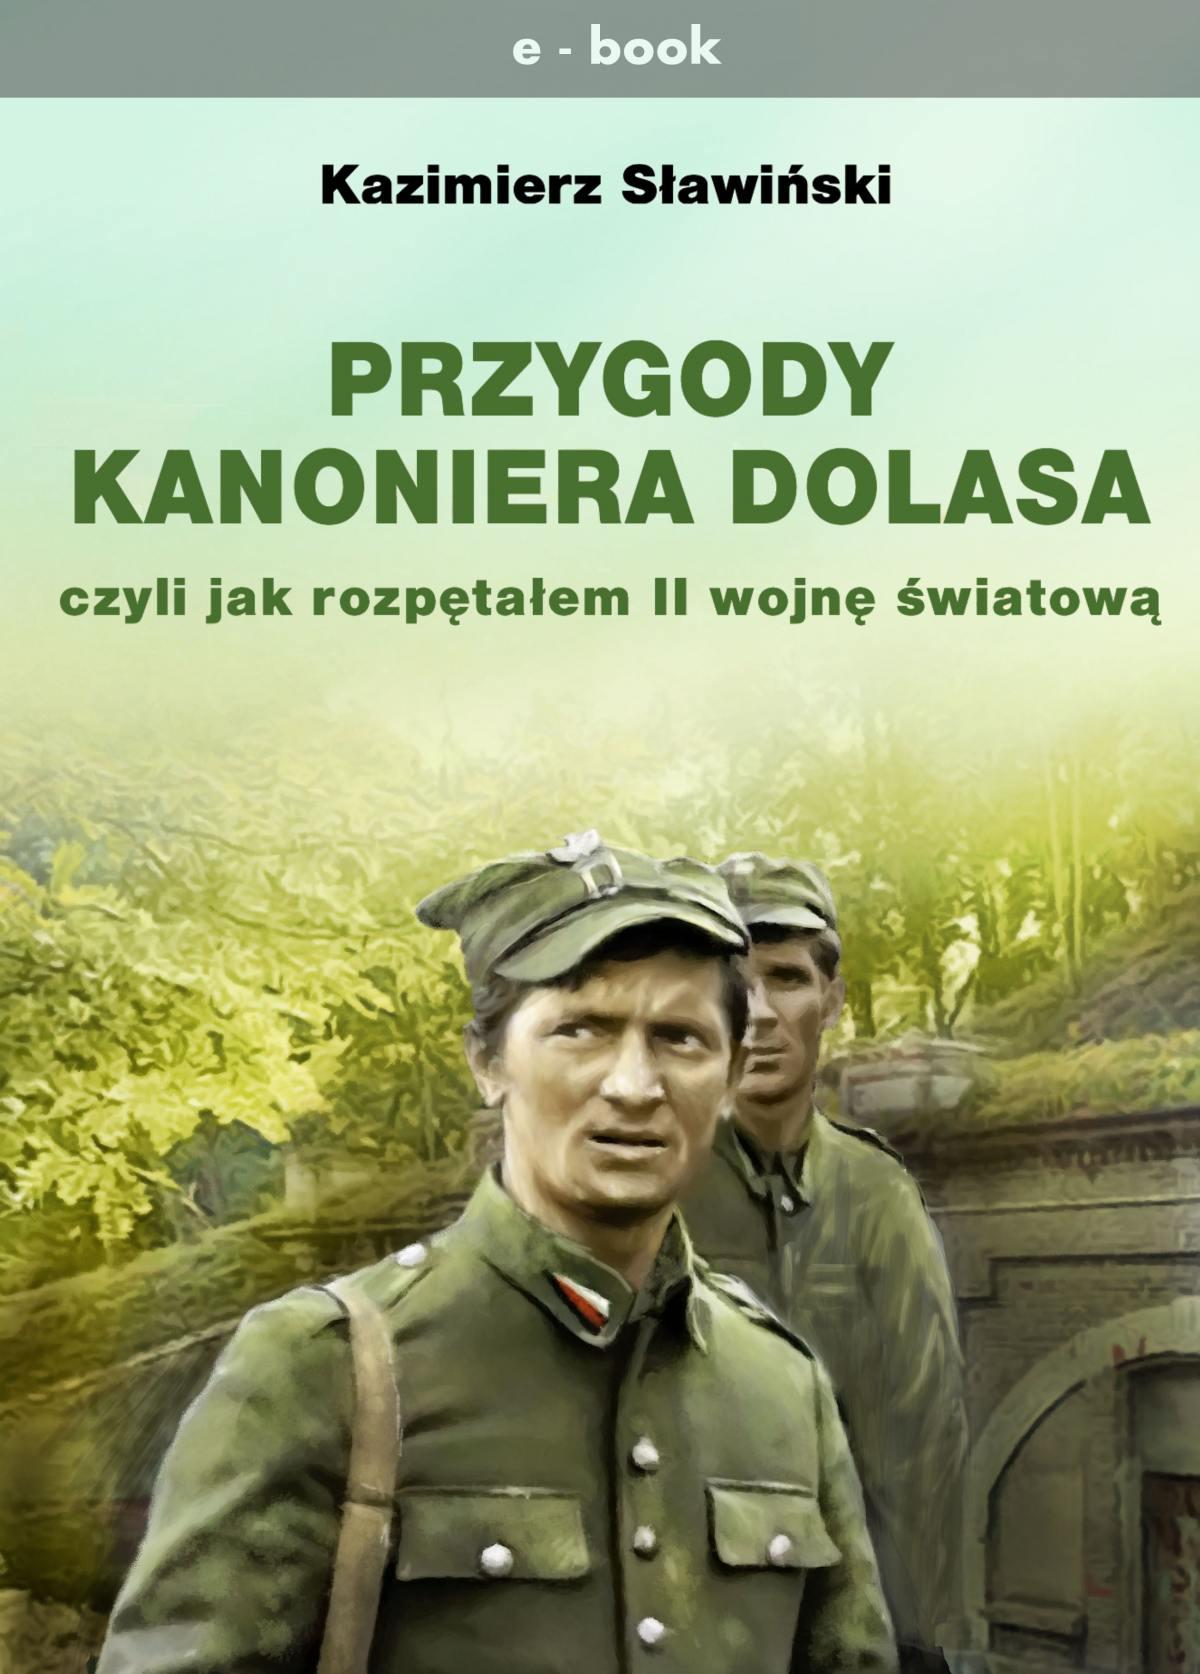 Przygody Kanoniera Dolasa - Ebook (Książka EPUB) do pobrania w formacie EPUB